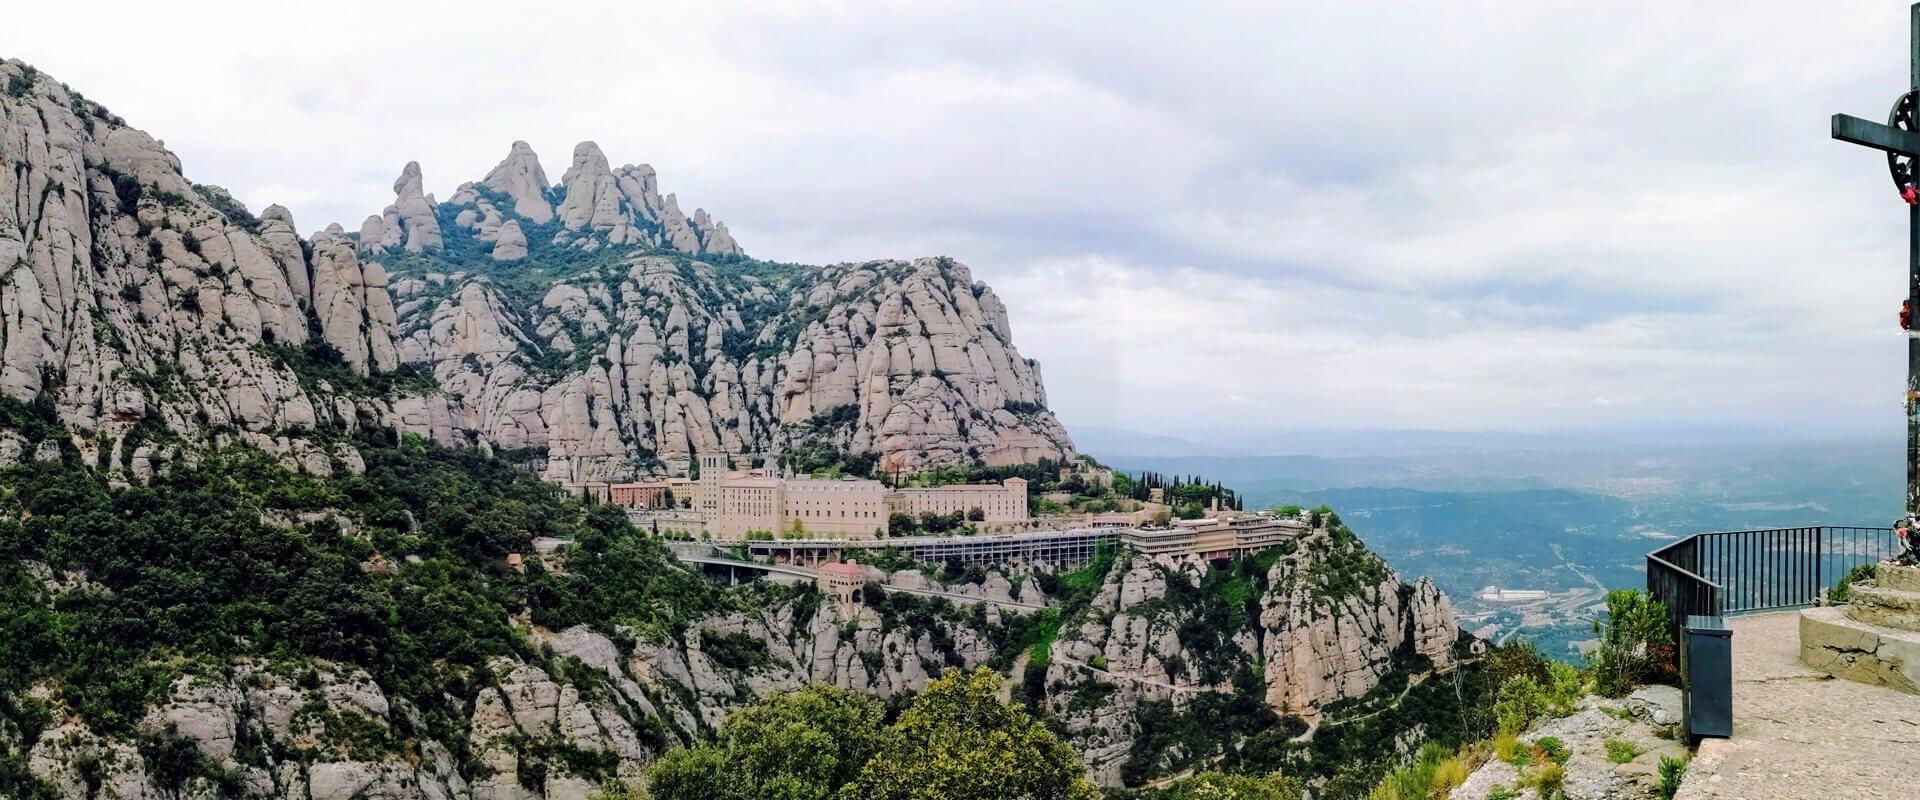 Montserrat, montaña mágica 9ª edición